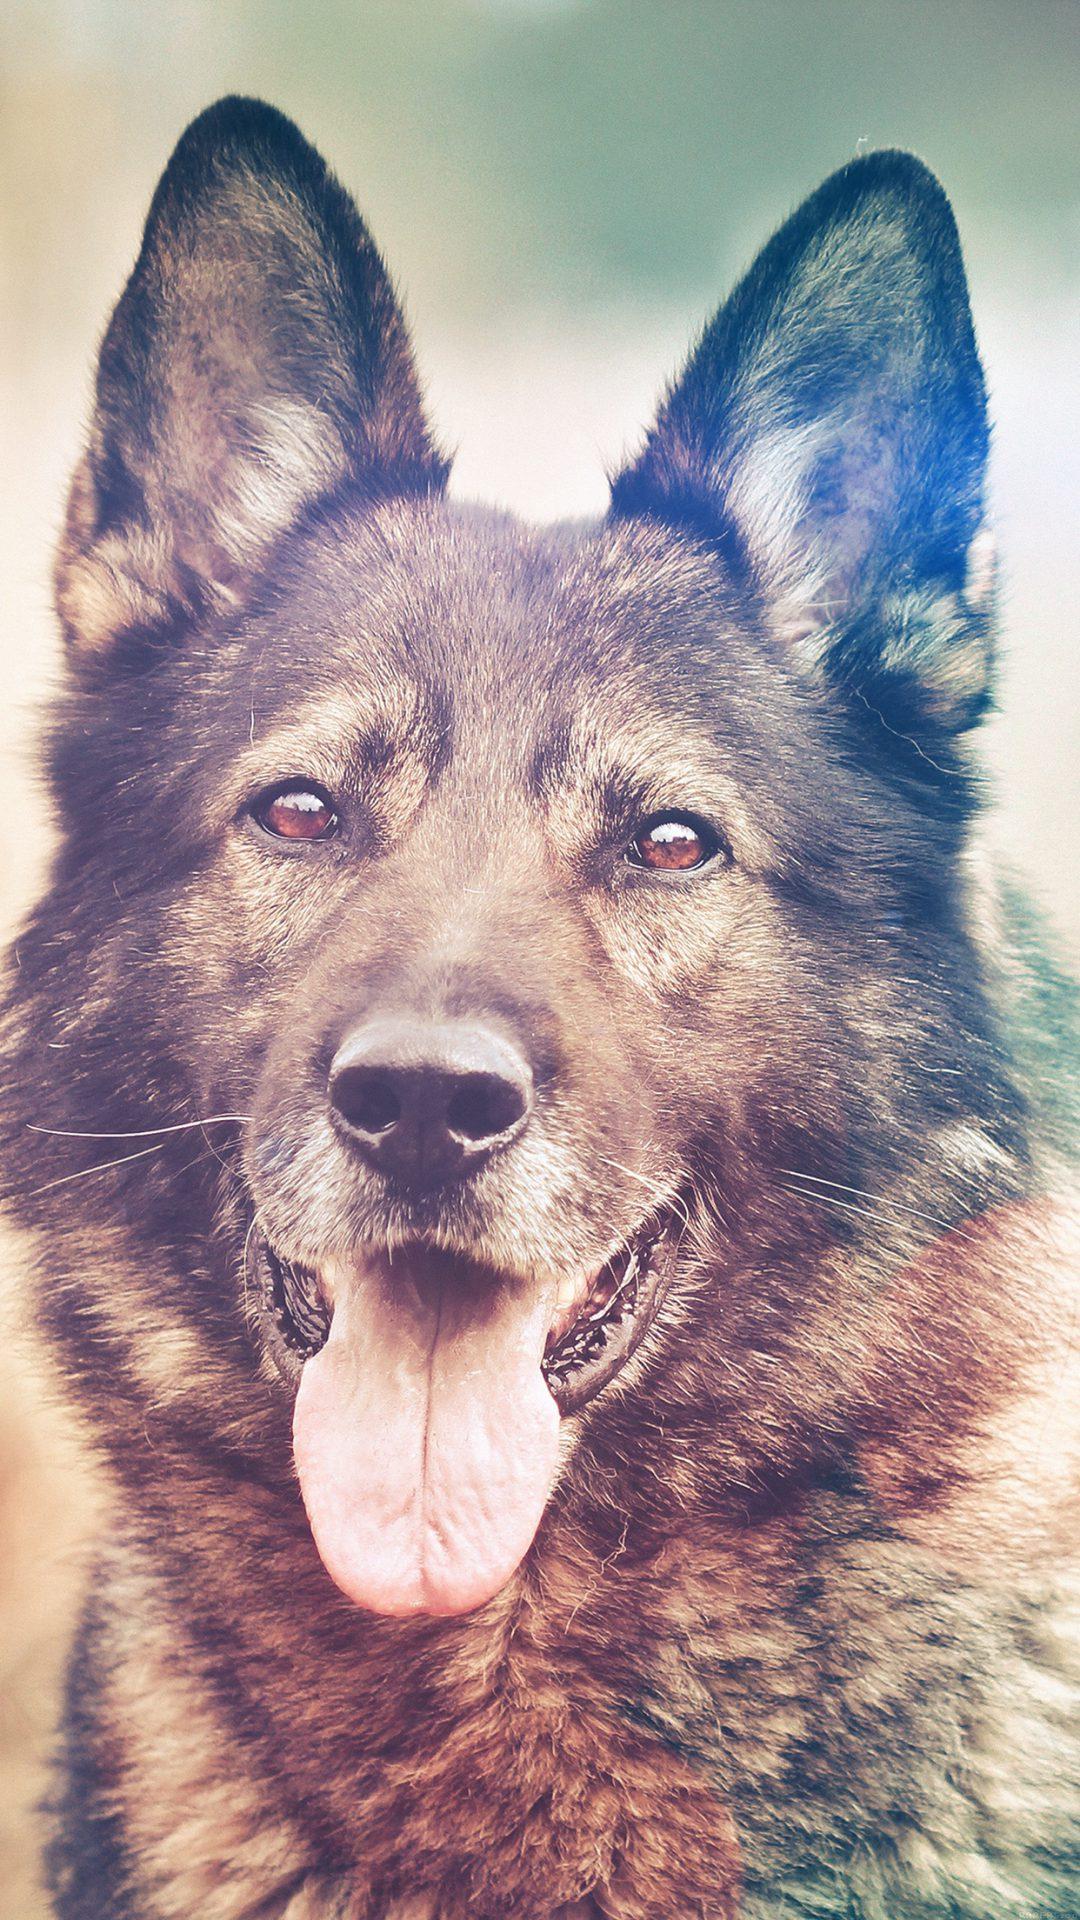 My Shepherds Dog Flare Smile Animal Nature